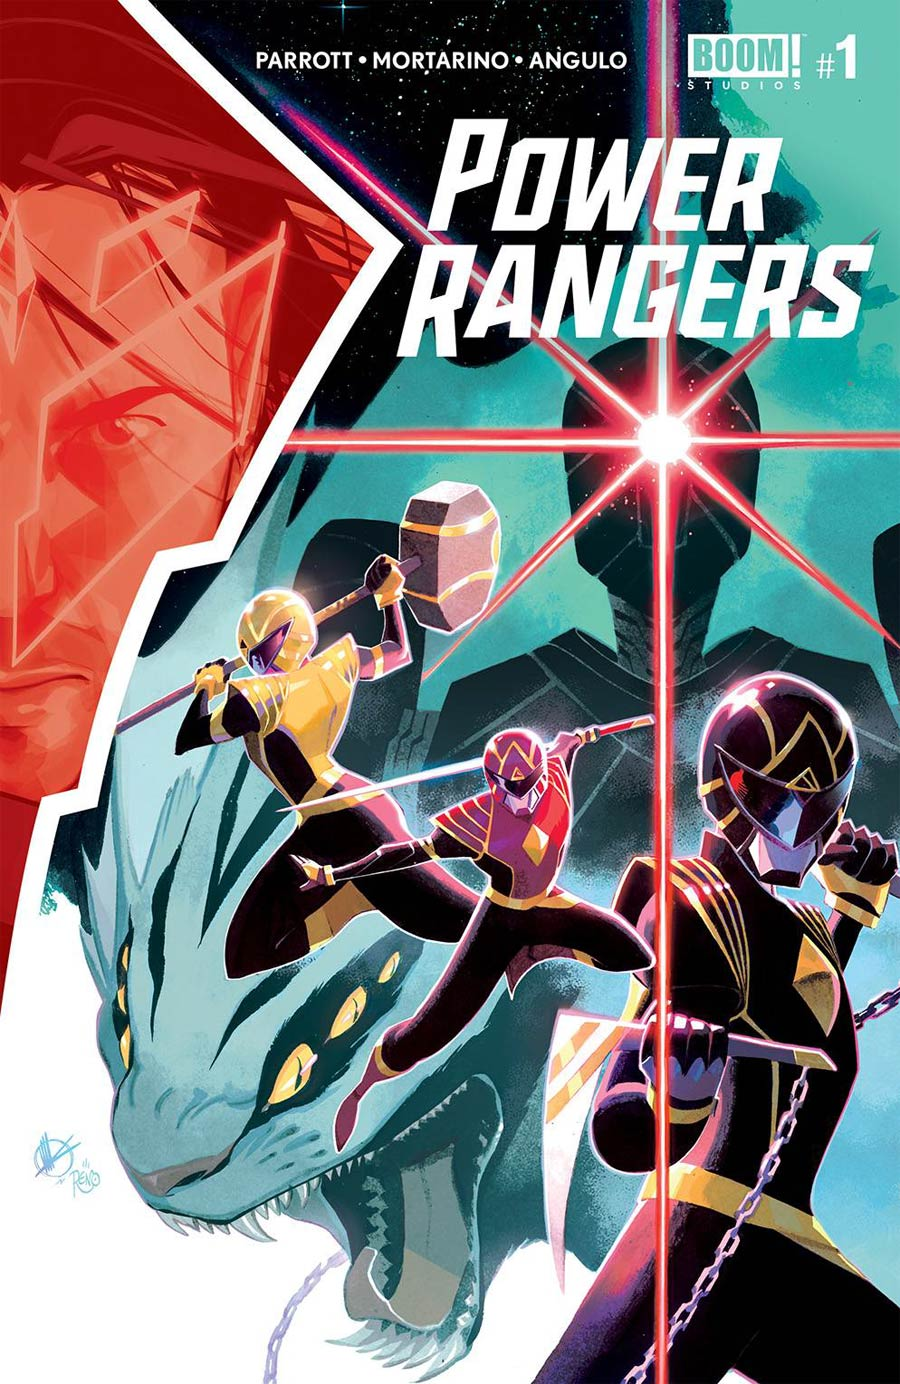 Power Rangers #1 Cover A Regular Matteo Scalera Cover